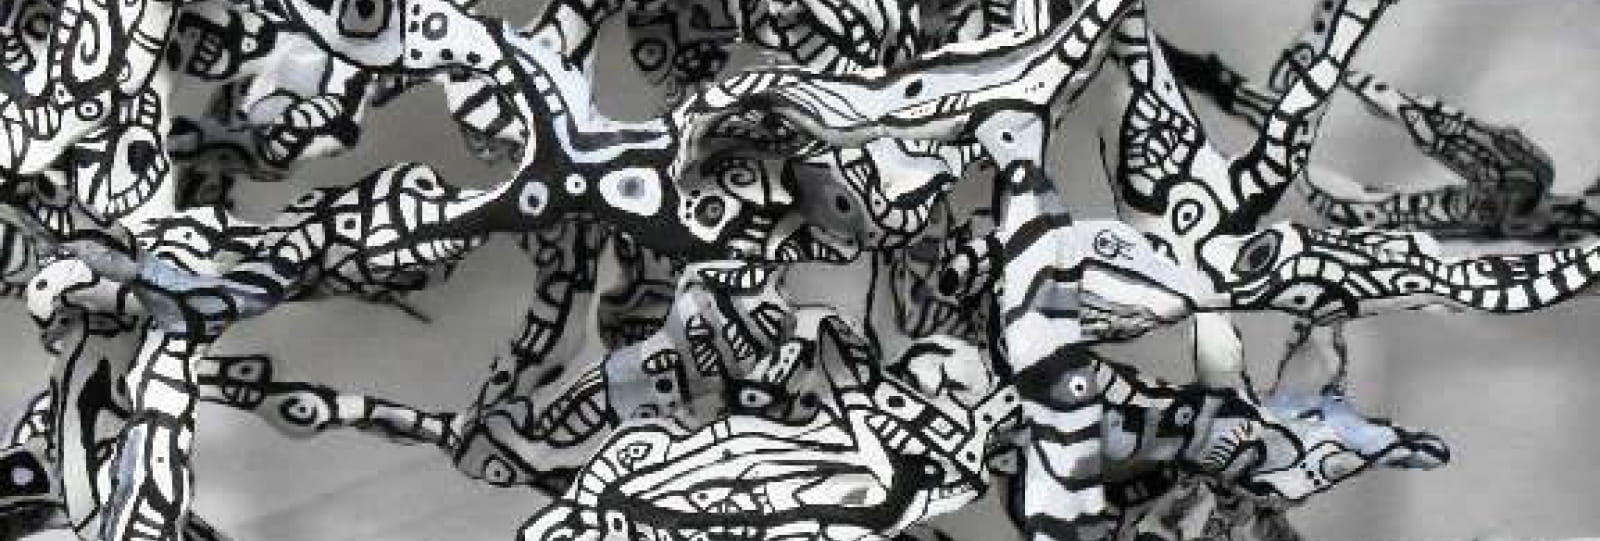 Schmimblock's alba nera 2013 - acrylique sur plastiroc 57x49cm - détail